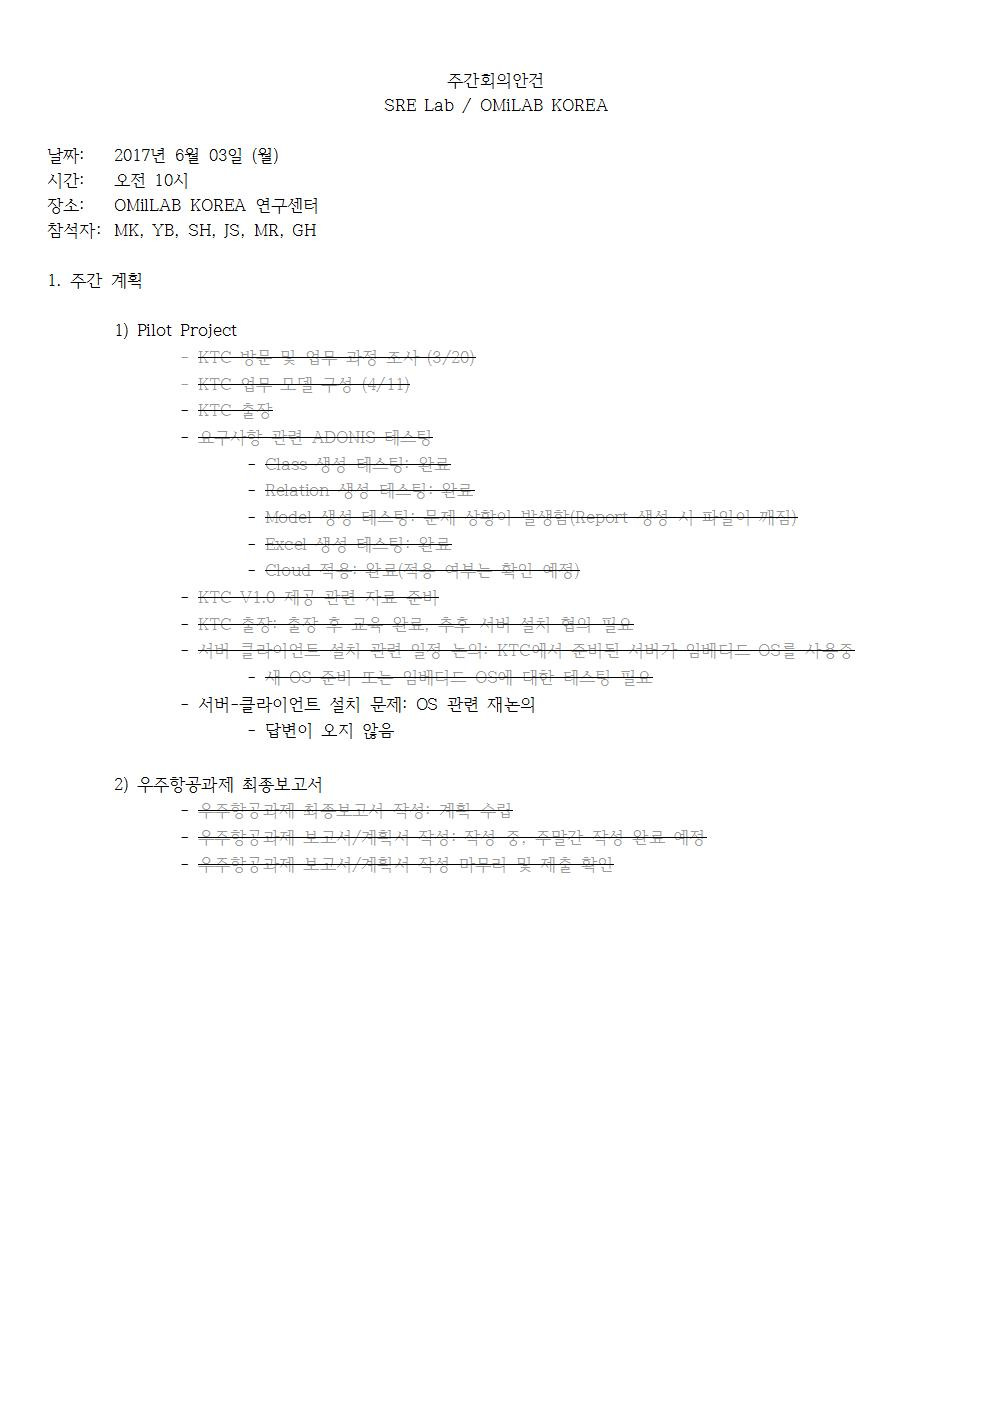 6-토-2017-06-03-PLAN(YB)001.jpg